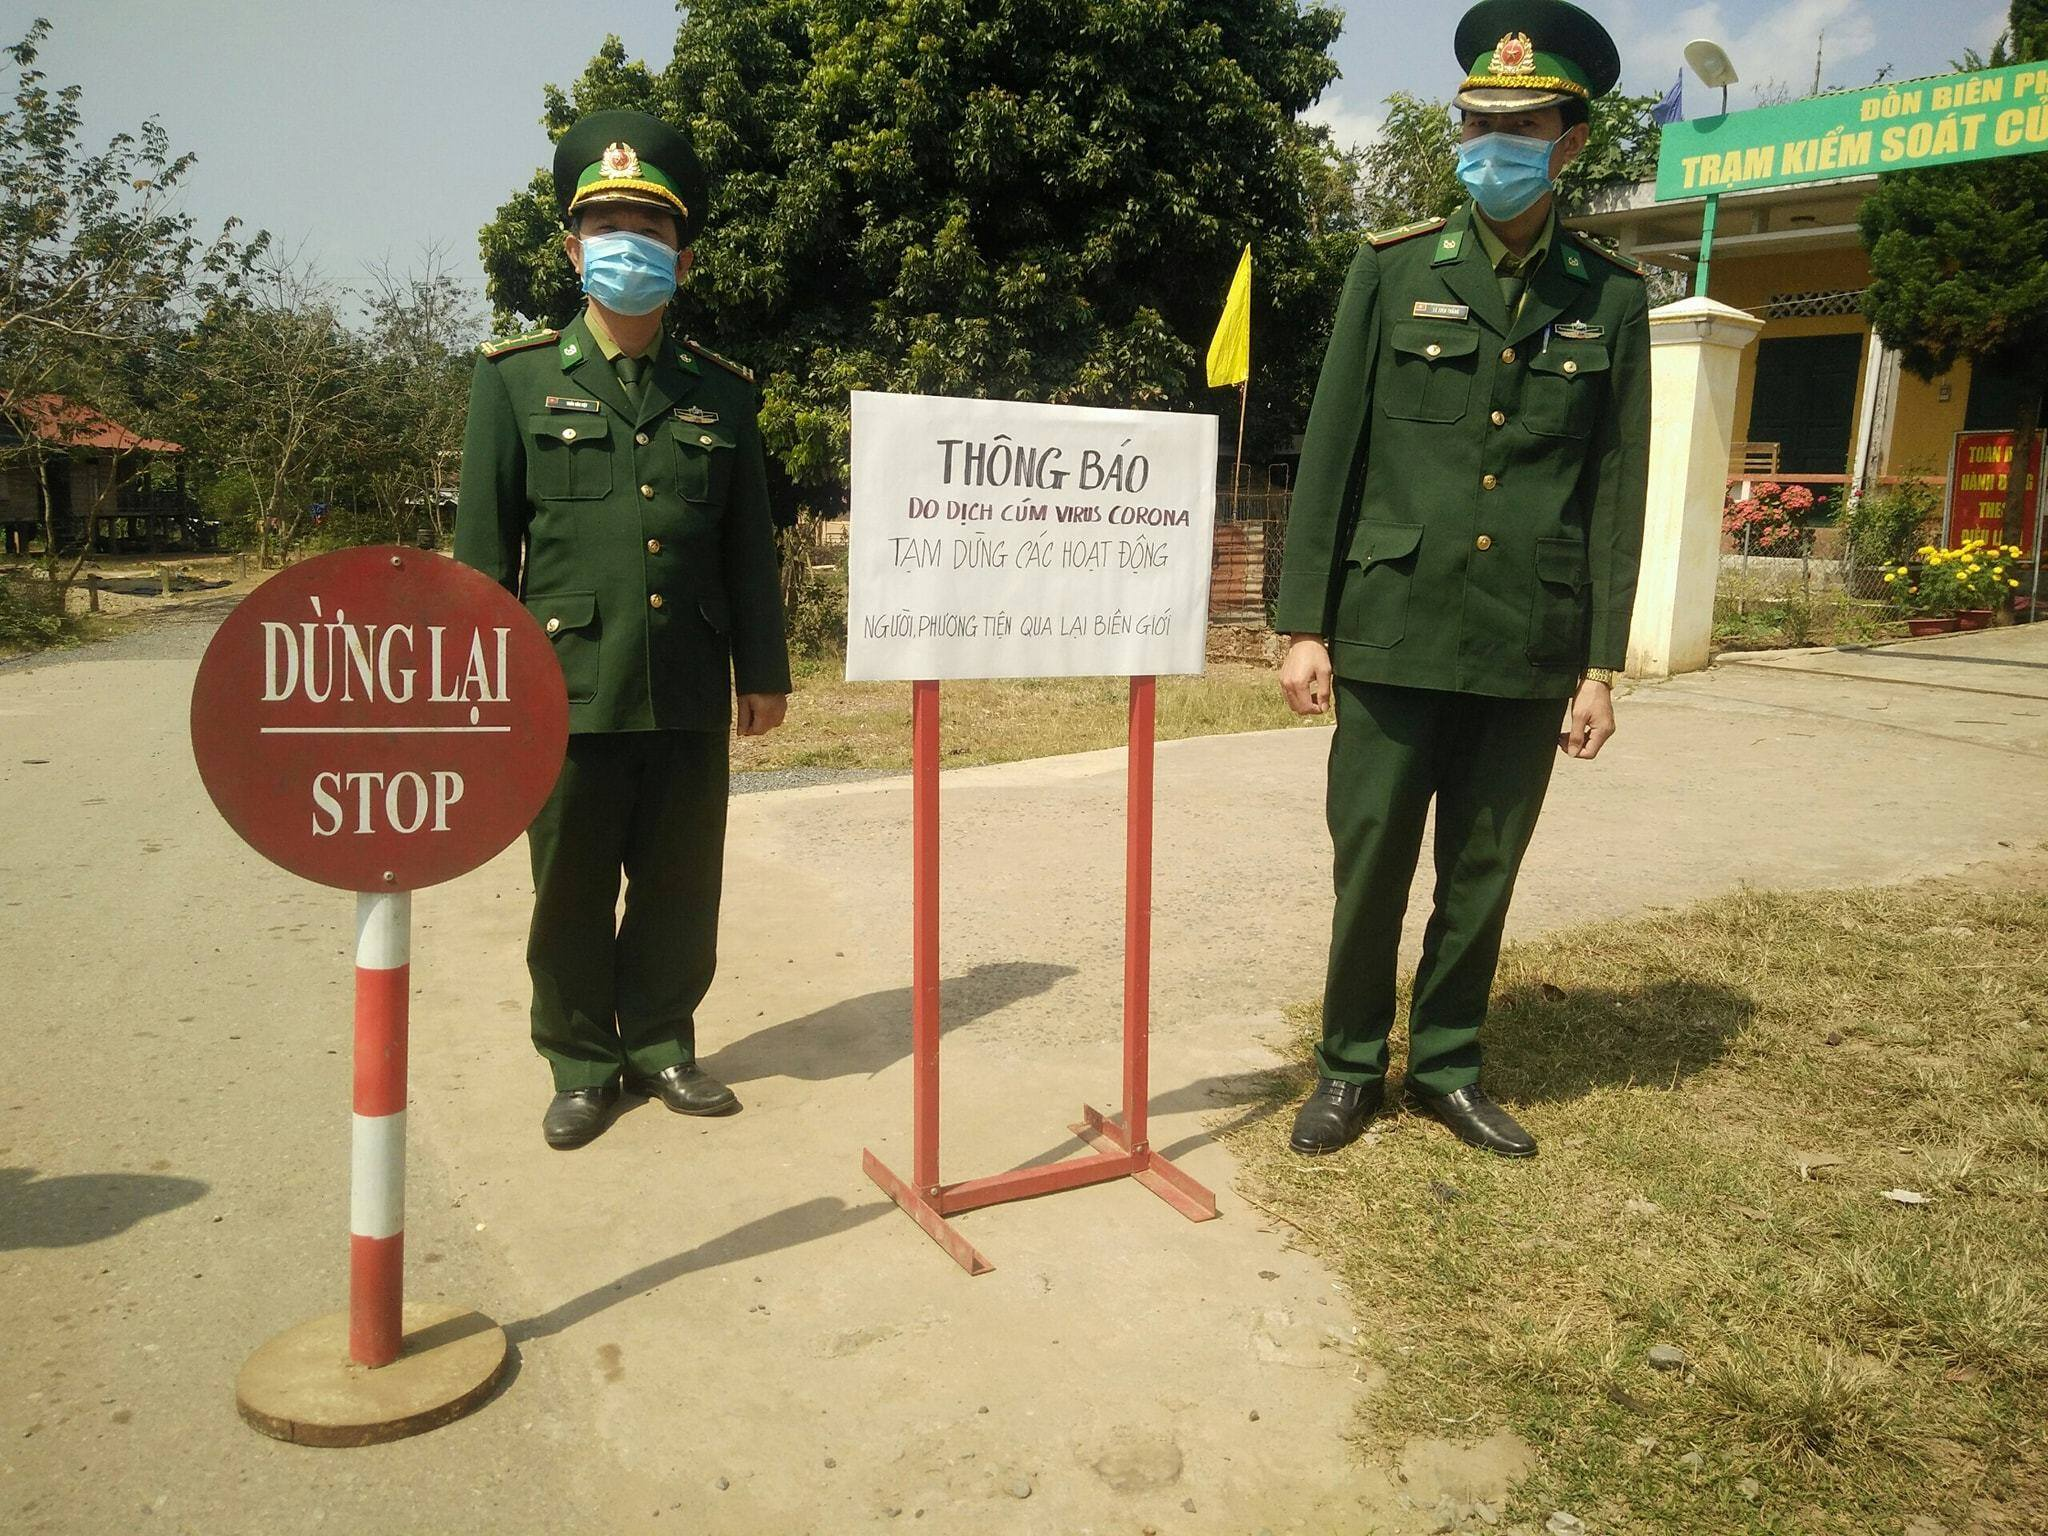 do ng cu a kha u pho ng di ch virus corona - Việt Nam tạm đóng cửa khẩu biên giới Mộc Bài với Campuchia